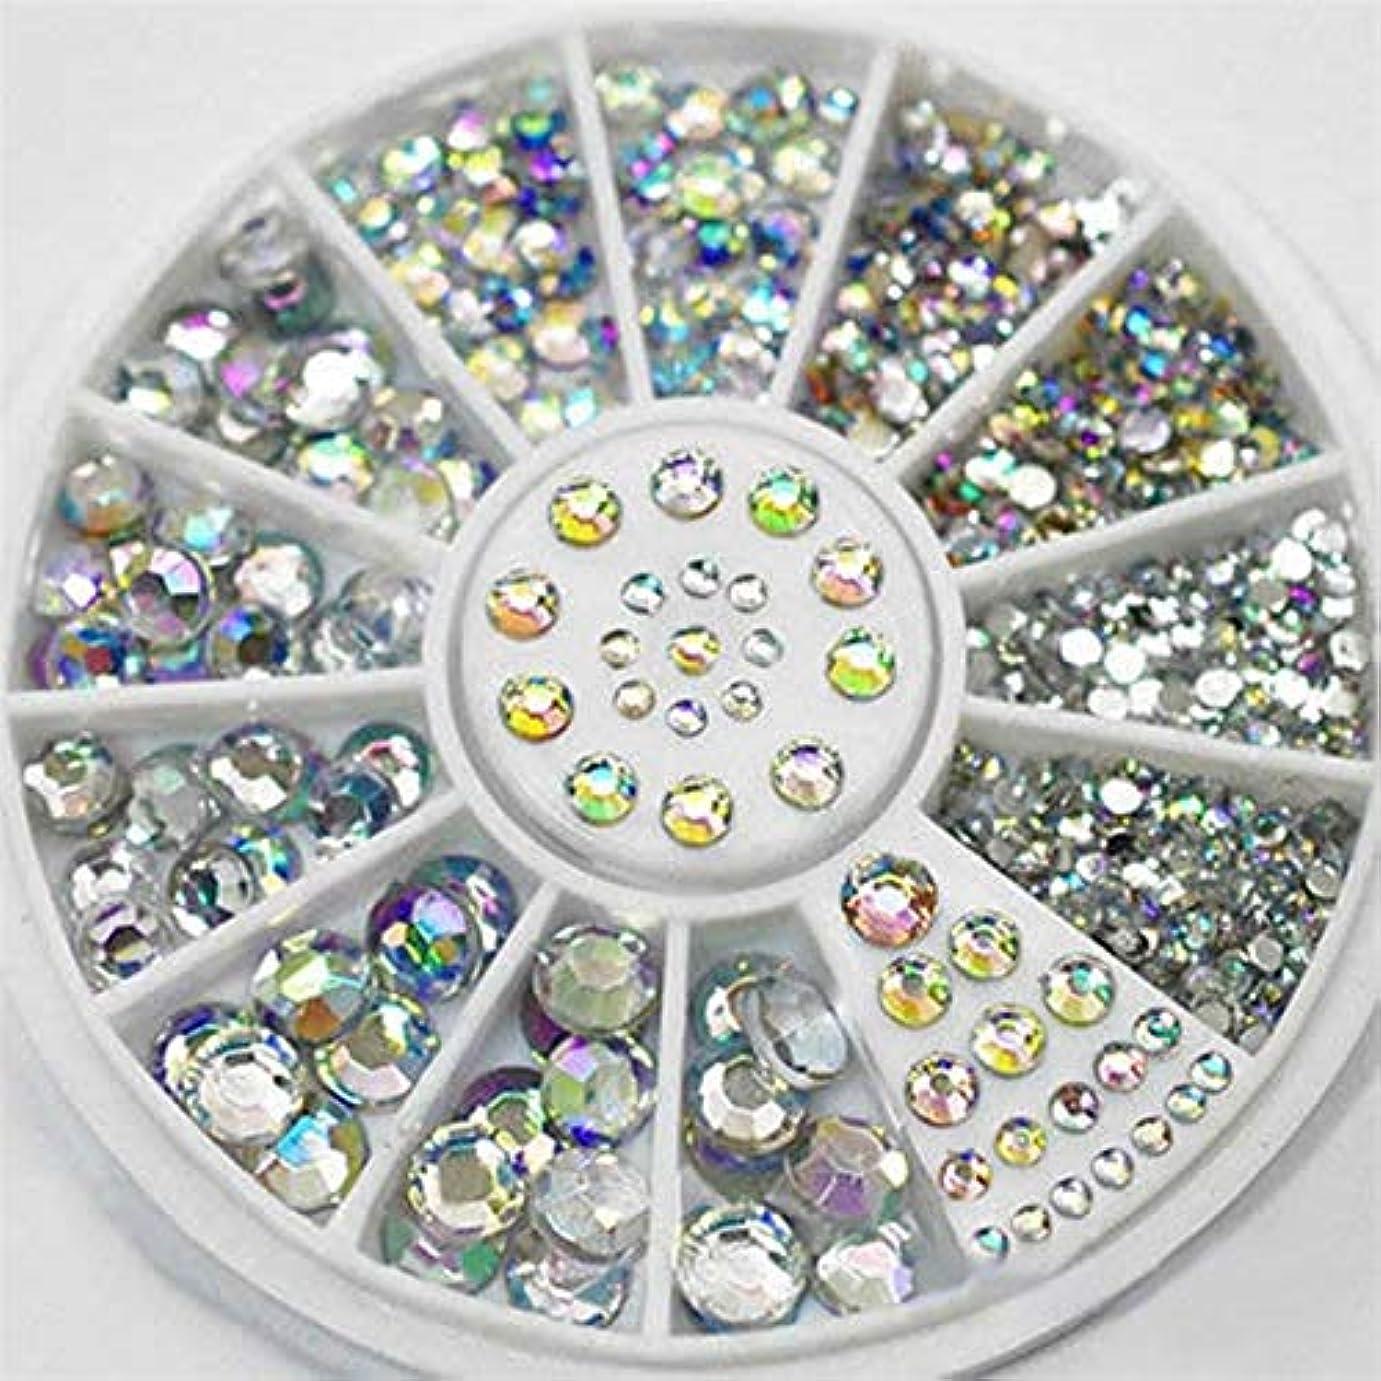 ボーダー新着日常的にビューティー&パーソナルケア 5ピースdiyカラーアクリルダイヤモンドネイルアートホイールのヒントクリスタルグリッターラインストーン3dネイルアートの装飾 ステッカー&デカール